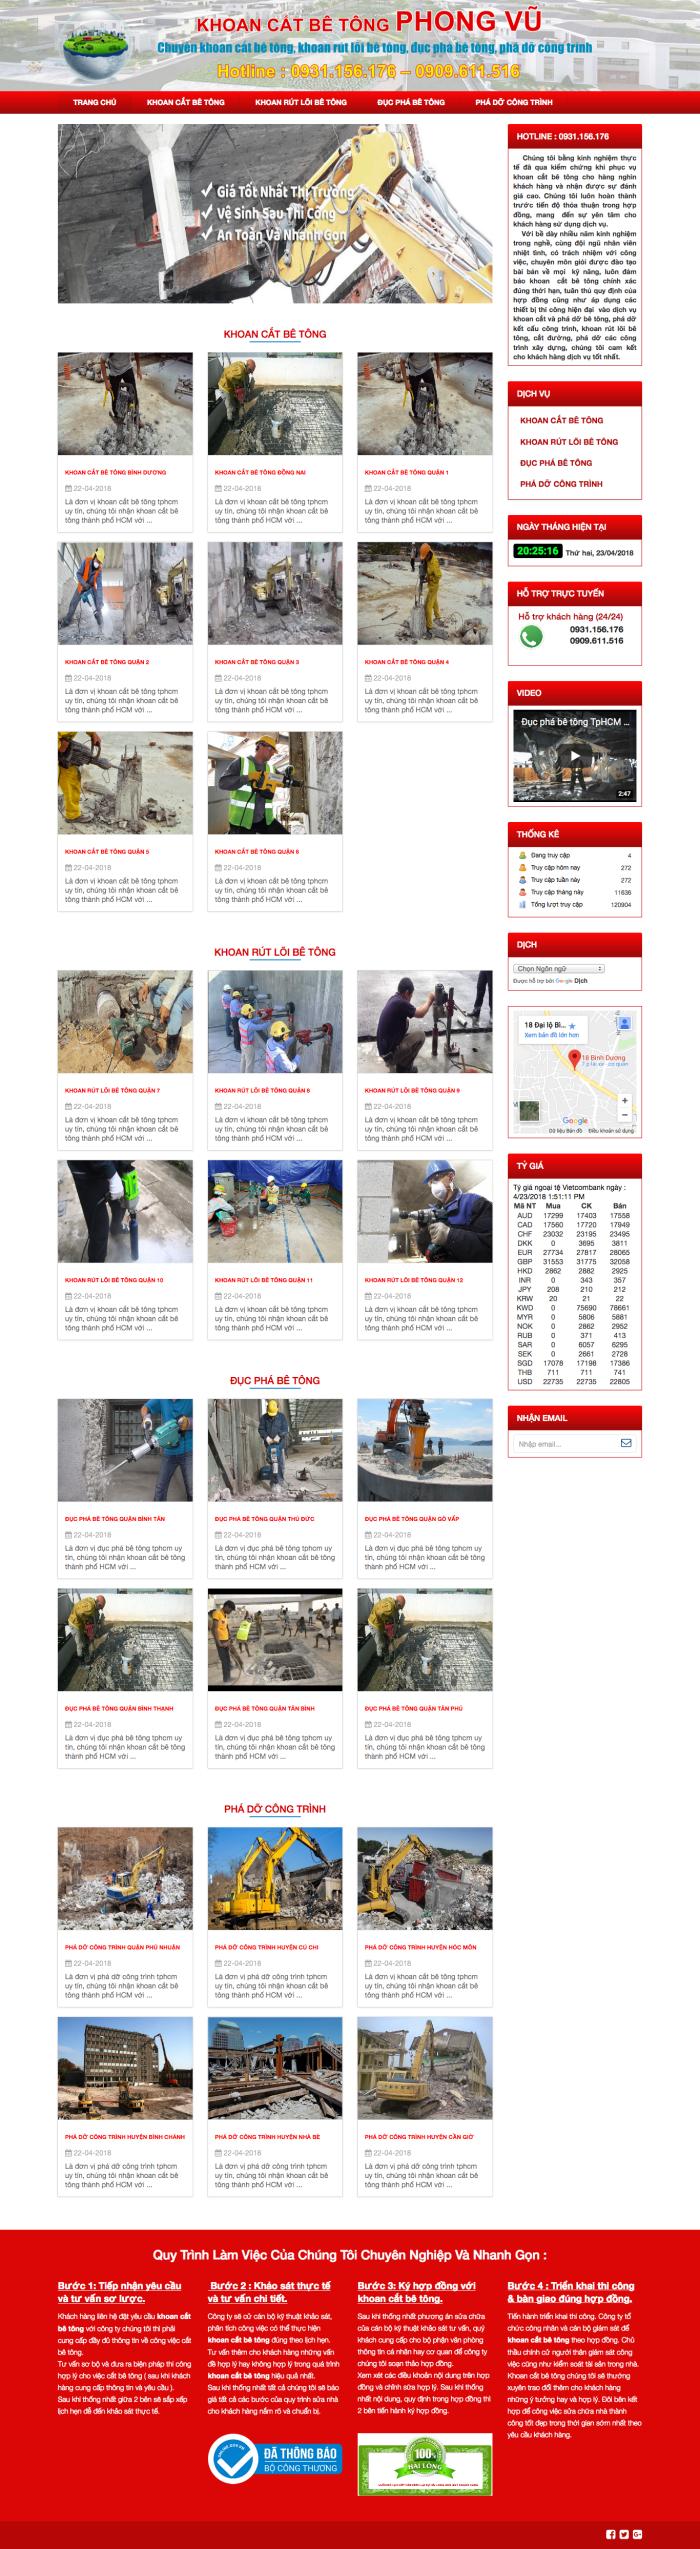 Thiết kế website khoan cắt bê tông